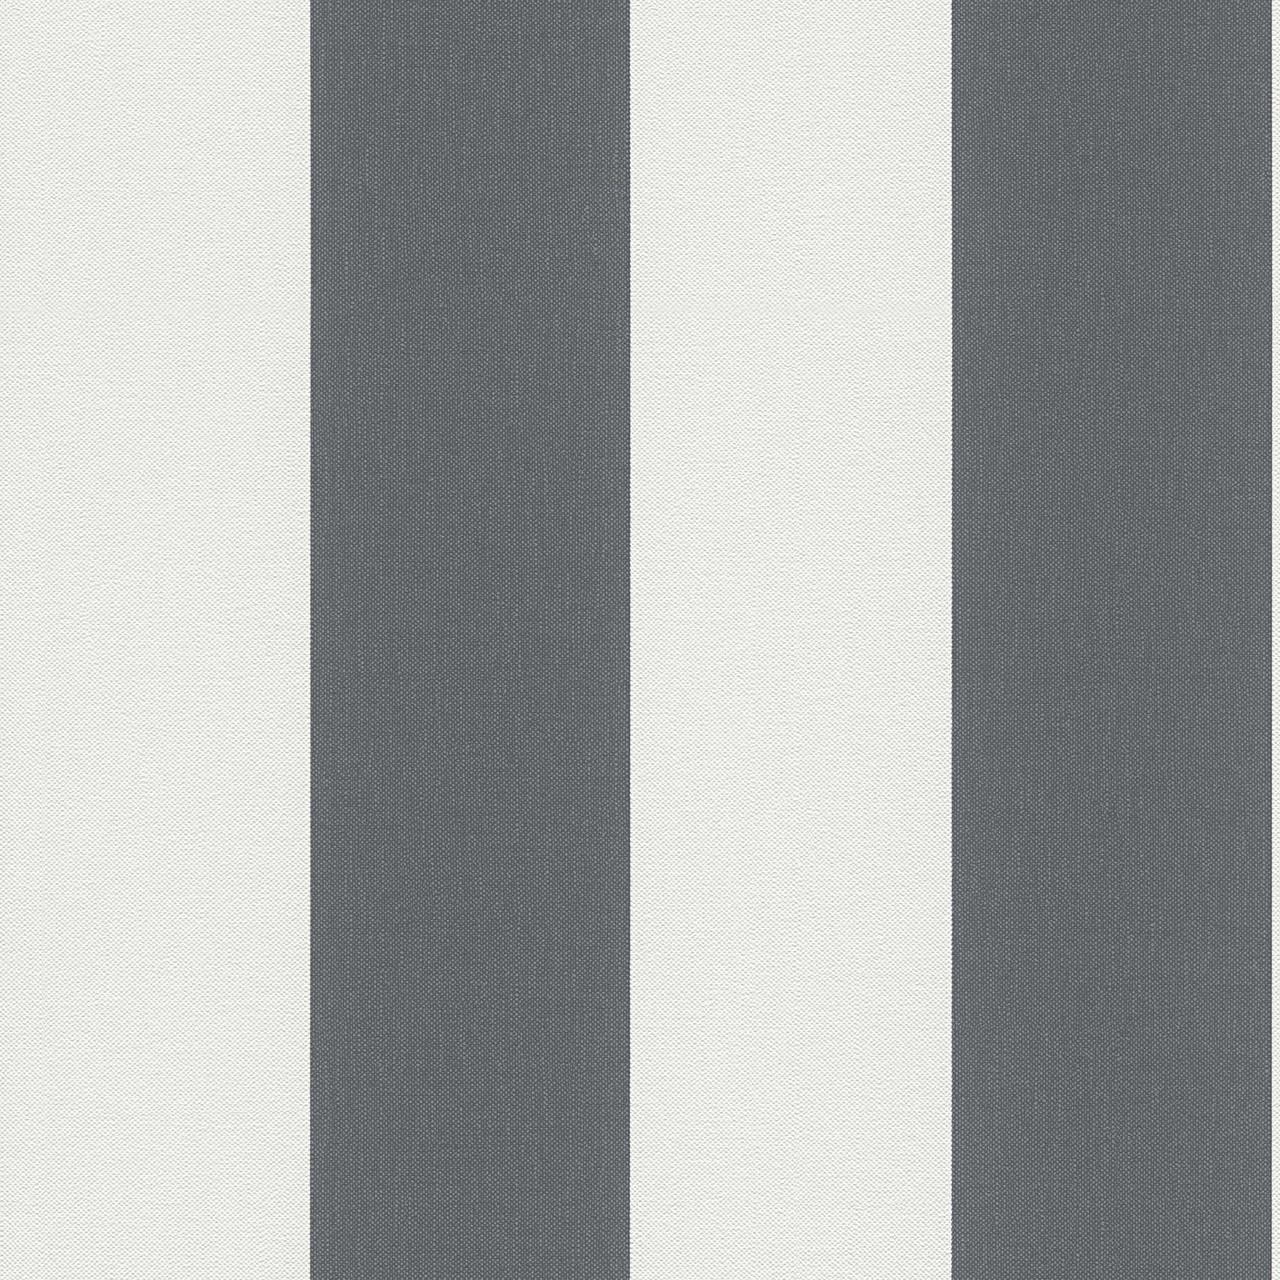 Німецькі вінілові шпалери Elegance 179050 в широку смужку темно сірого кольору на білому, мокрий асфальт, графіт